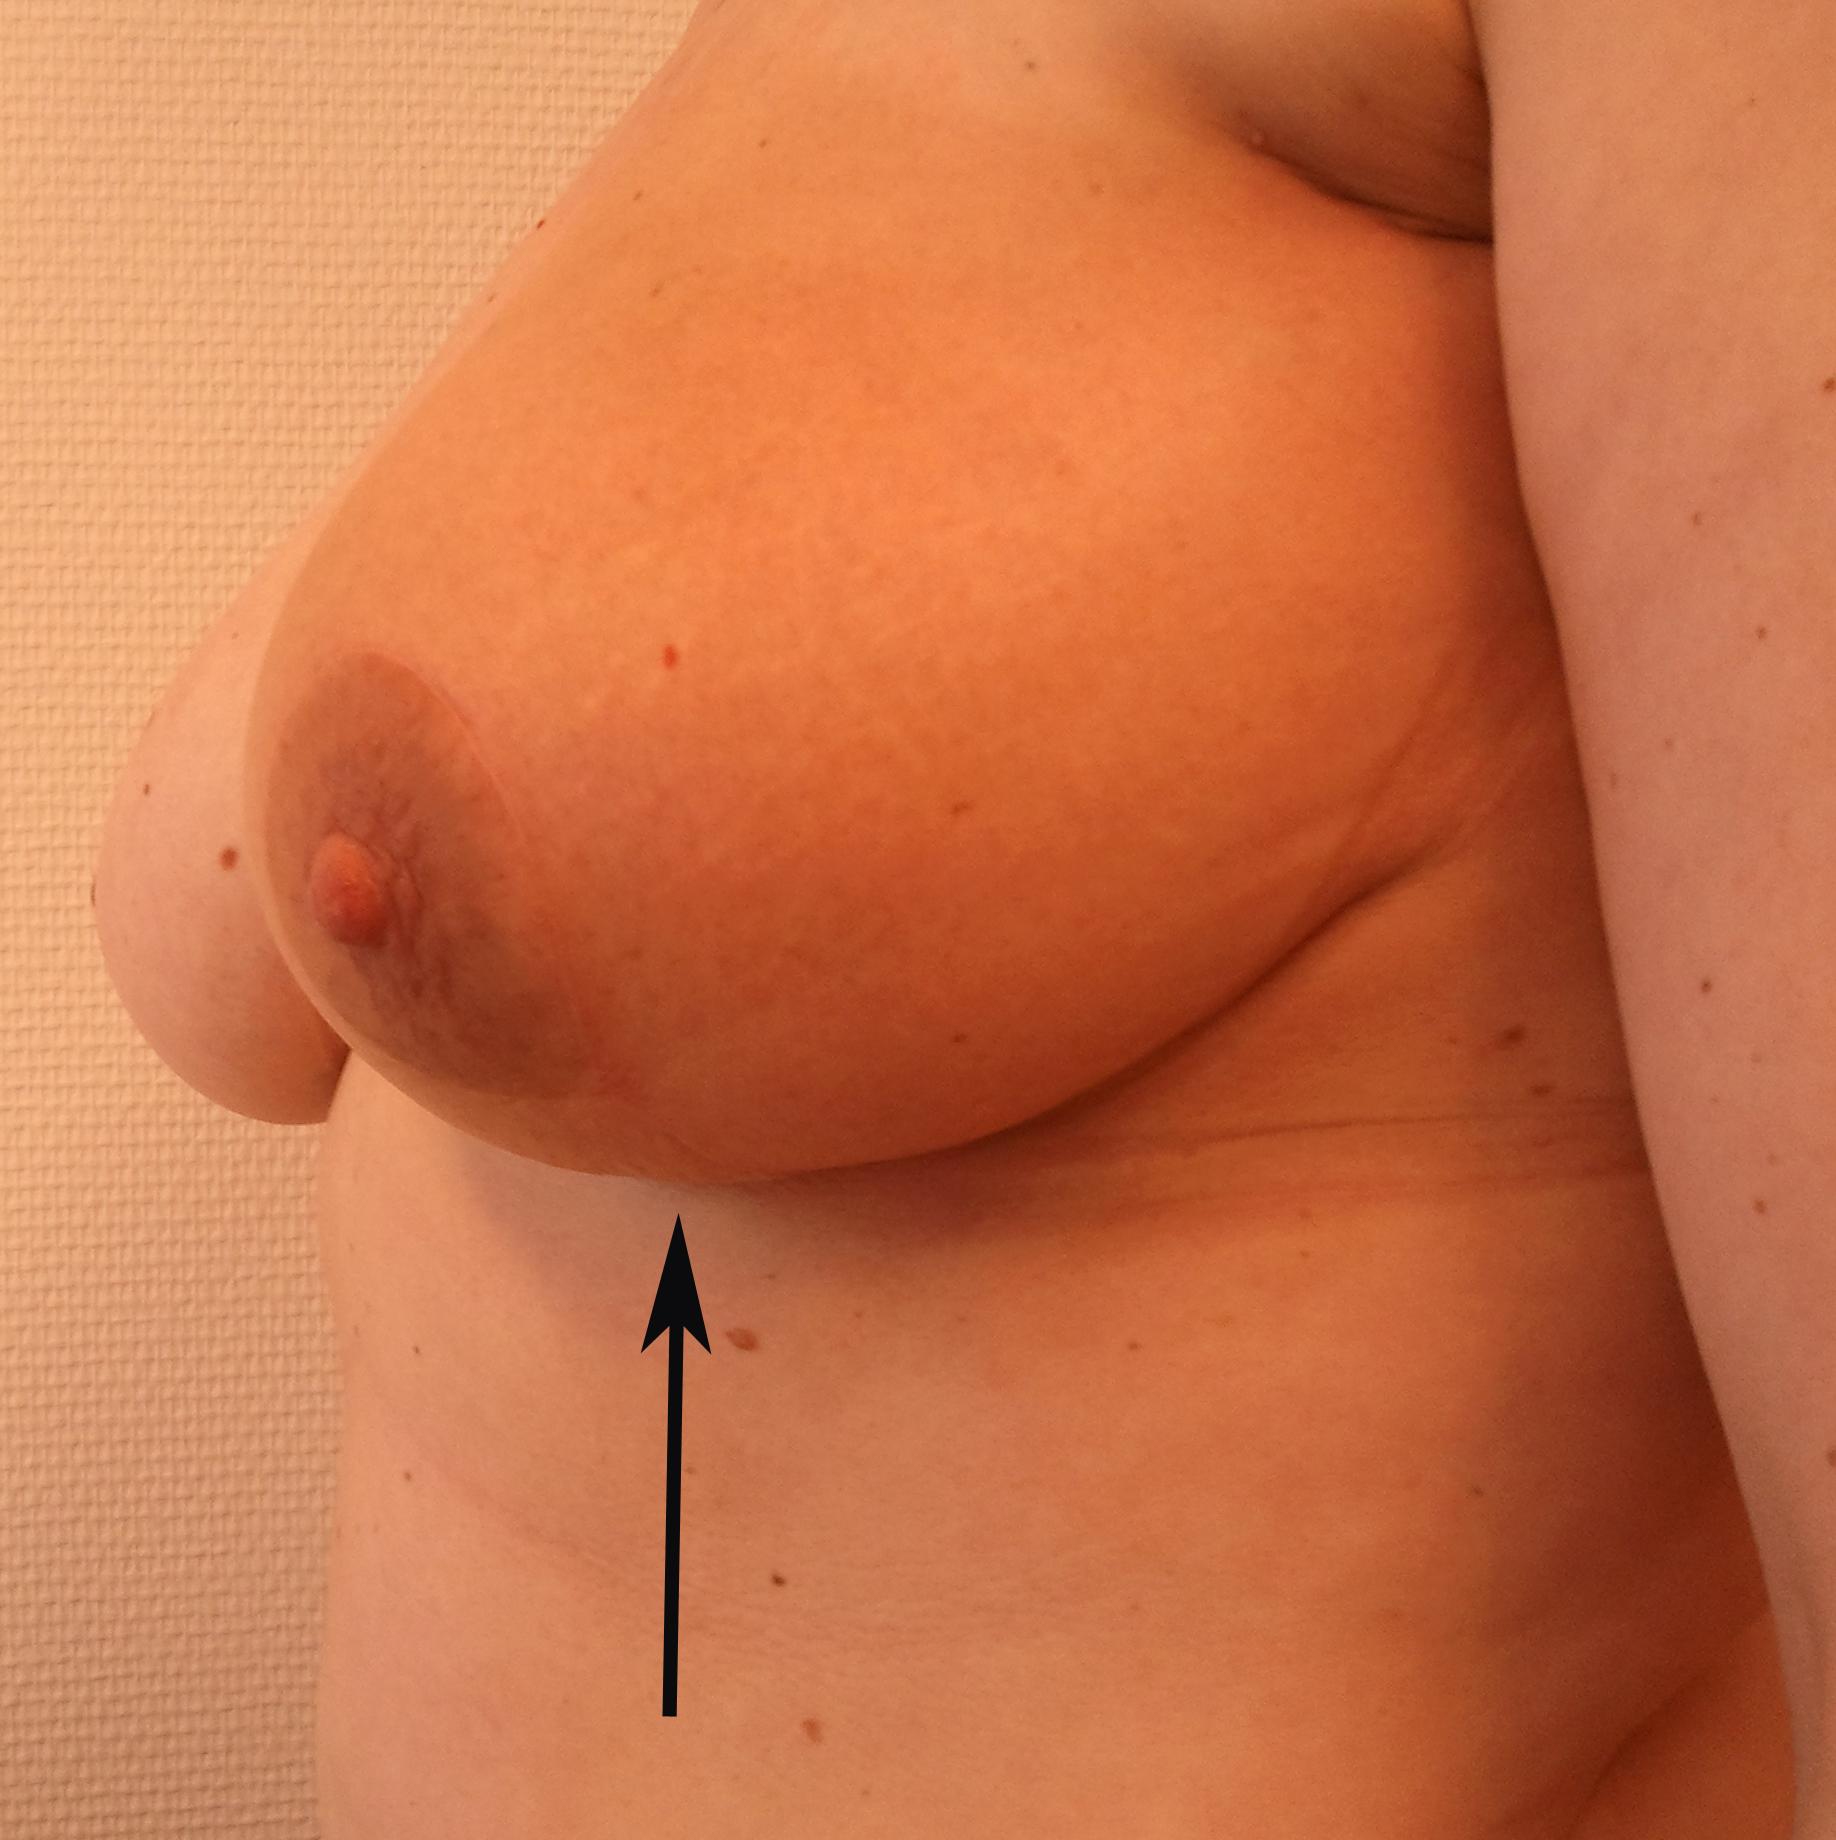 Oncoplastisch_mammareductie2